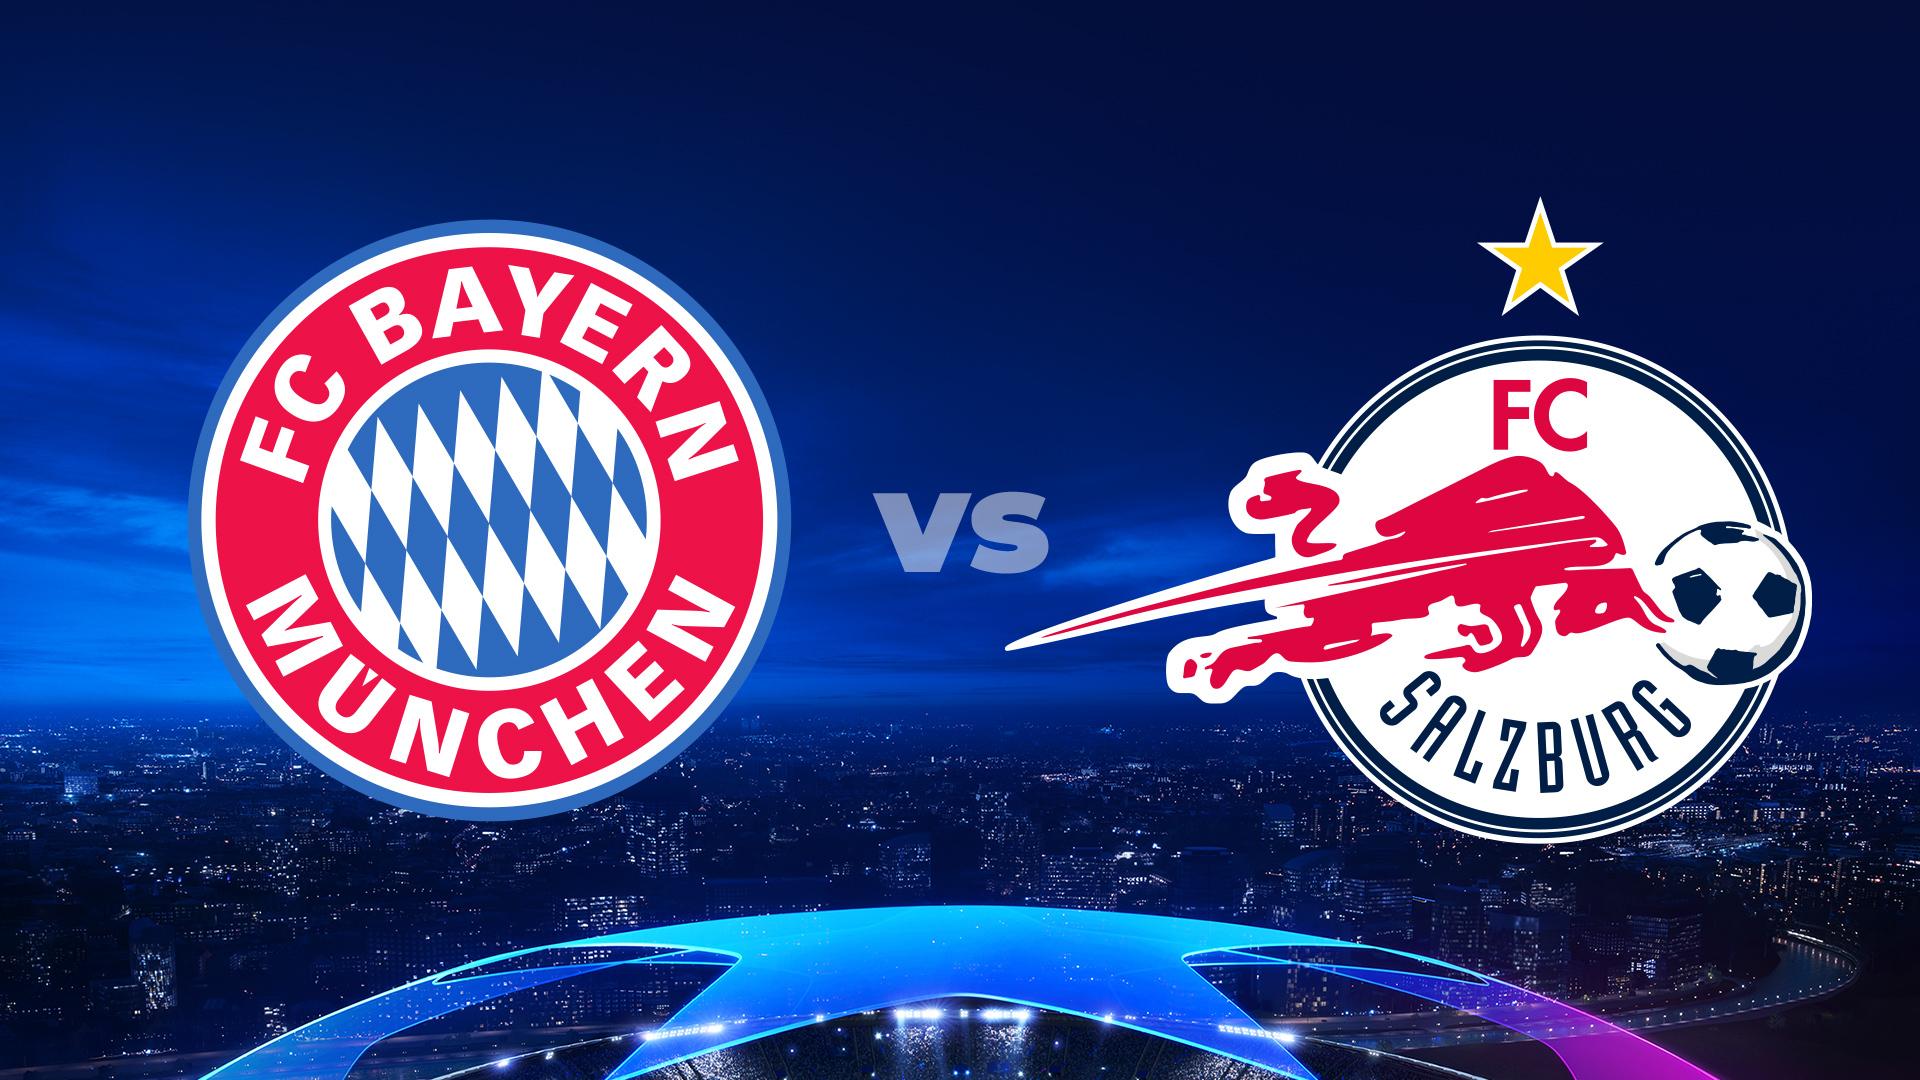 Bayern Monachium - FC Salzburg